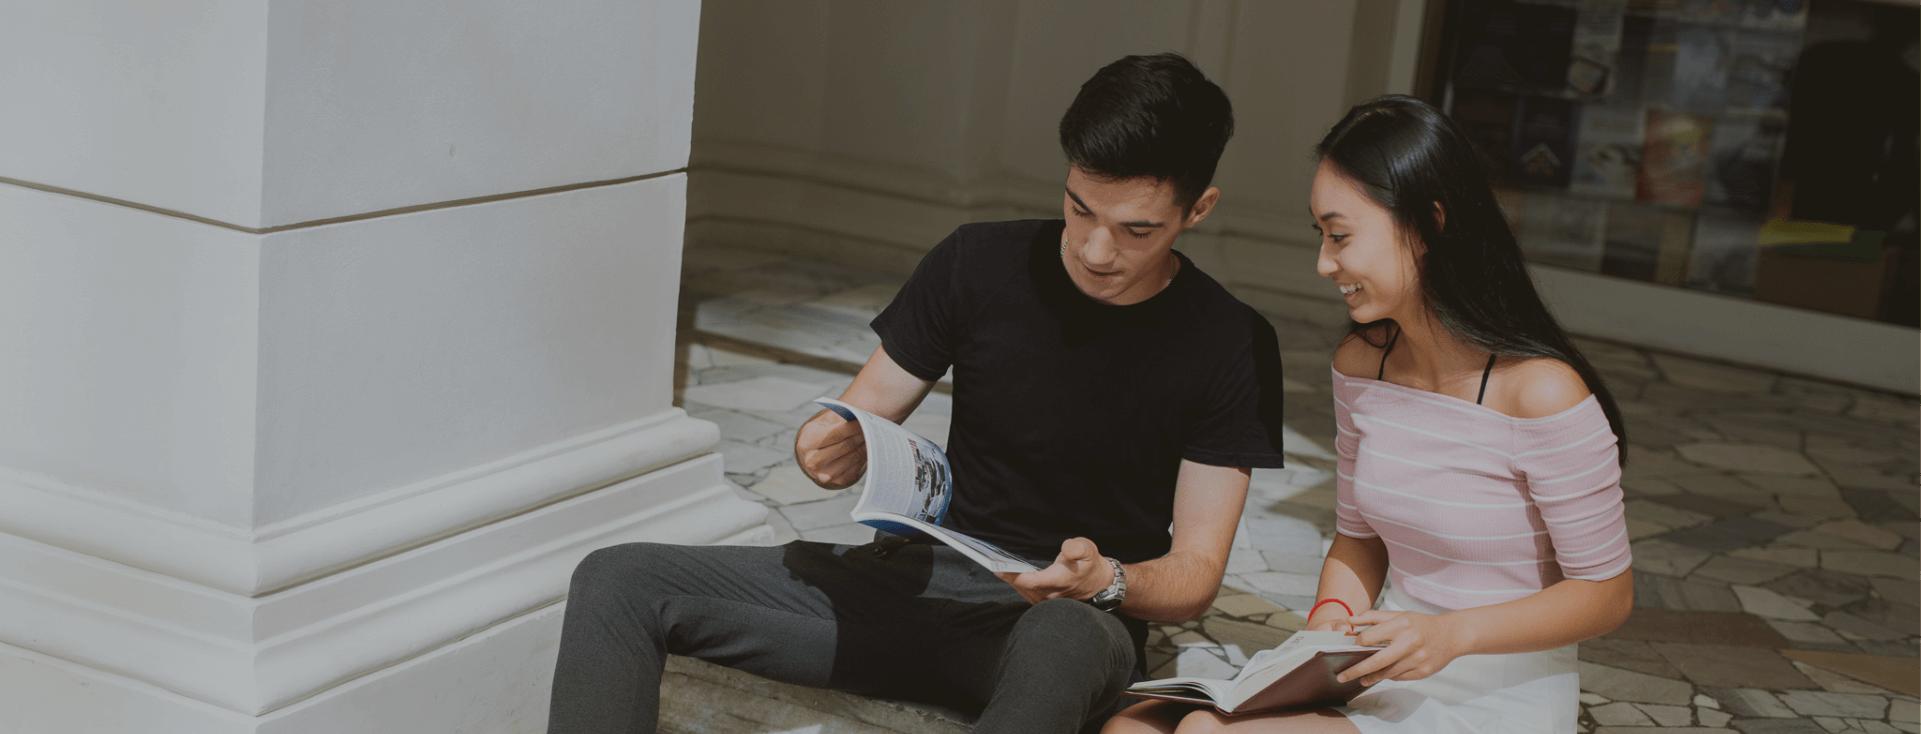 Studenci przeglądający broszurę